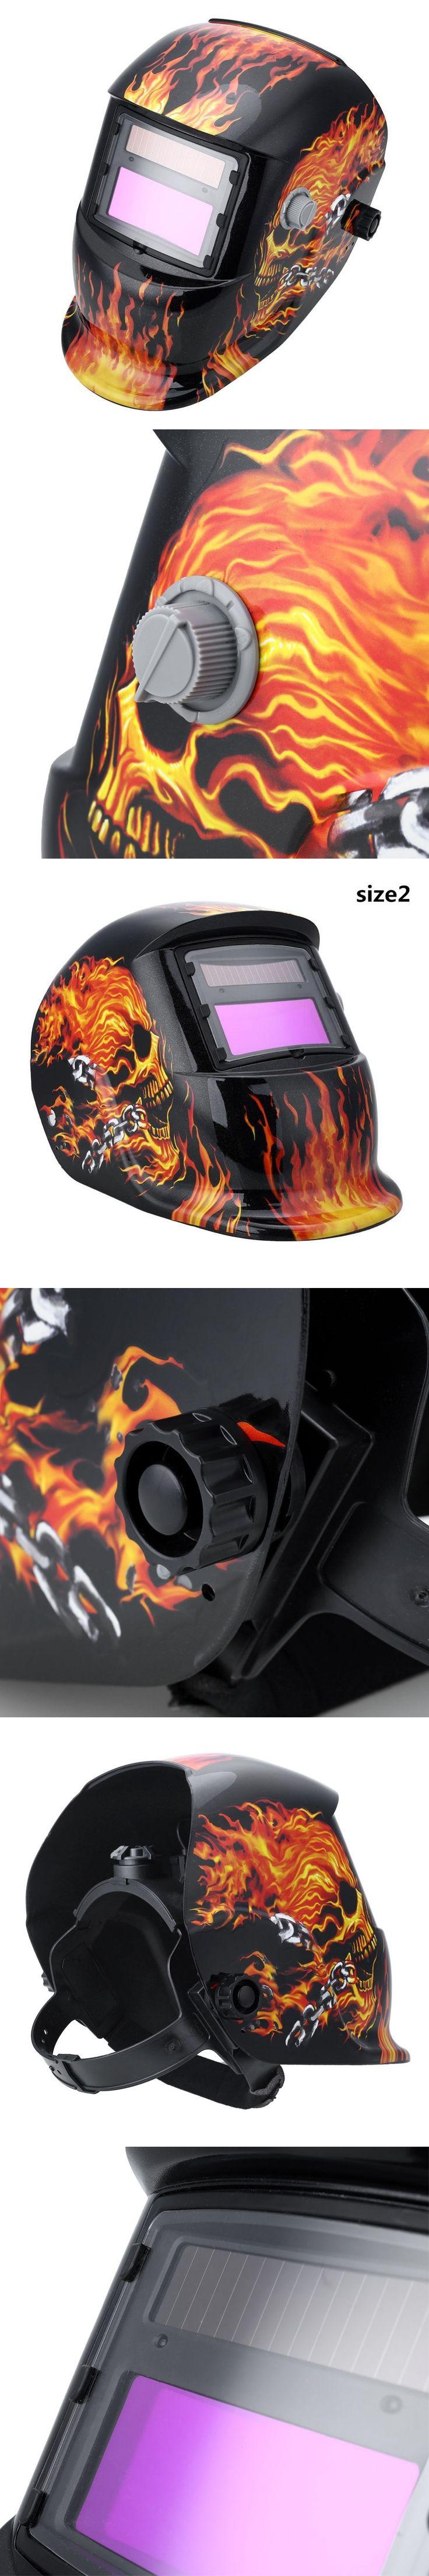 Fashional Solar Powered Auto Darkening Welding Helmet Protection For Grinding Lens Tig Welder Mask Flame Skull